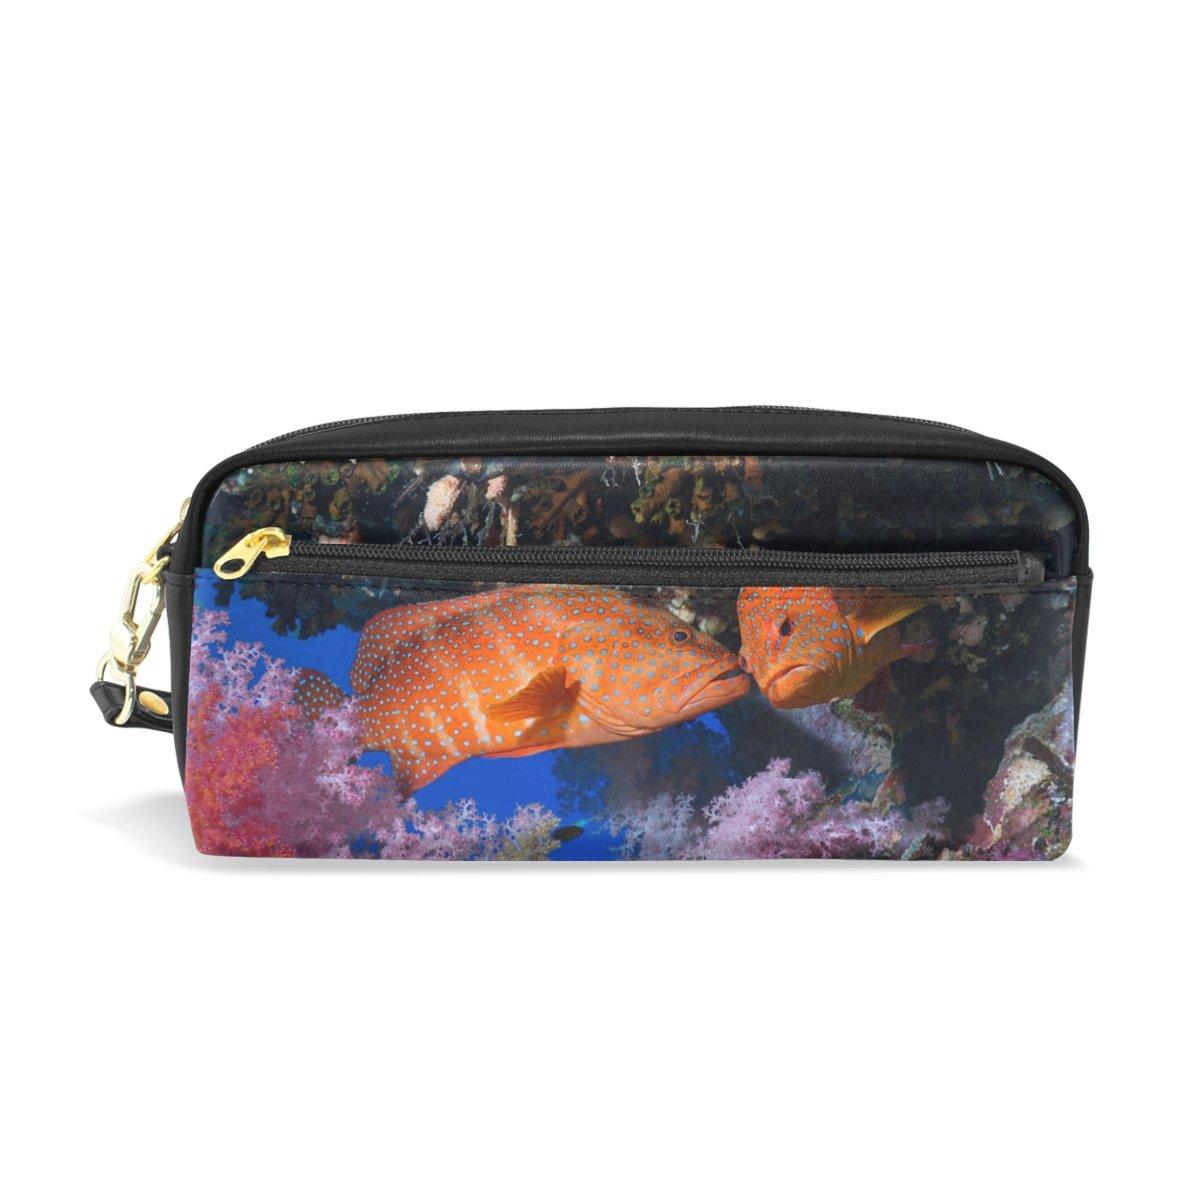 BENNIGIRY Fische Coral Sea Ocean Bleistift Fall tragbar Pen Tasche Student Schreibwaren Pouch PU Leder Groß Kapazität Reißverschluss Make-up Kosmetiktasche B079NQC28F     | eine breite Palette von Produkten